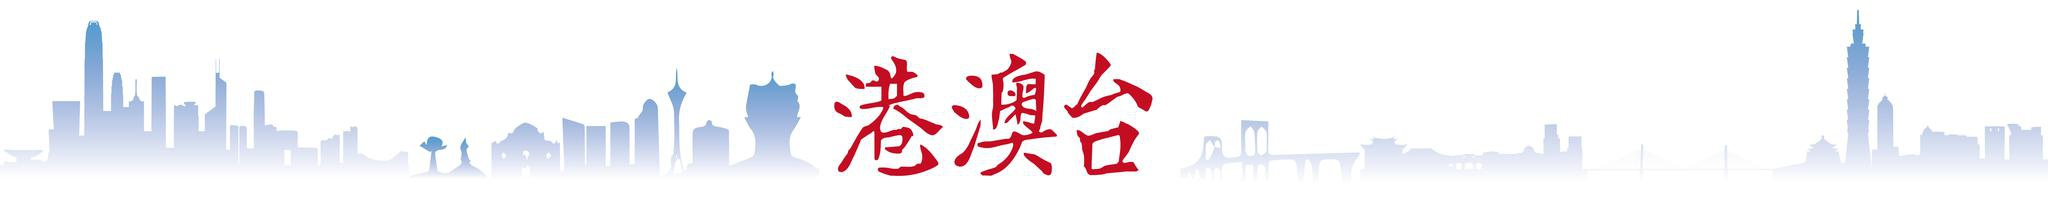 """不检测核酸就罚2.5万、监禁半年!香港疫情如""""森林大火蔓延"""",政府出狠招"""